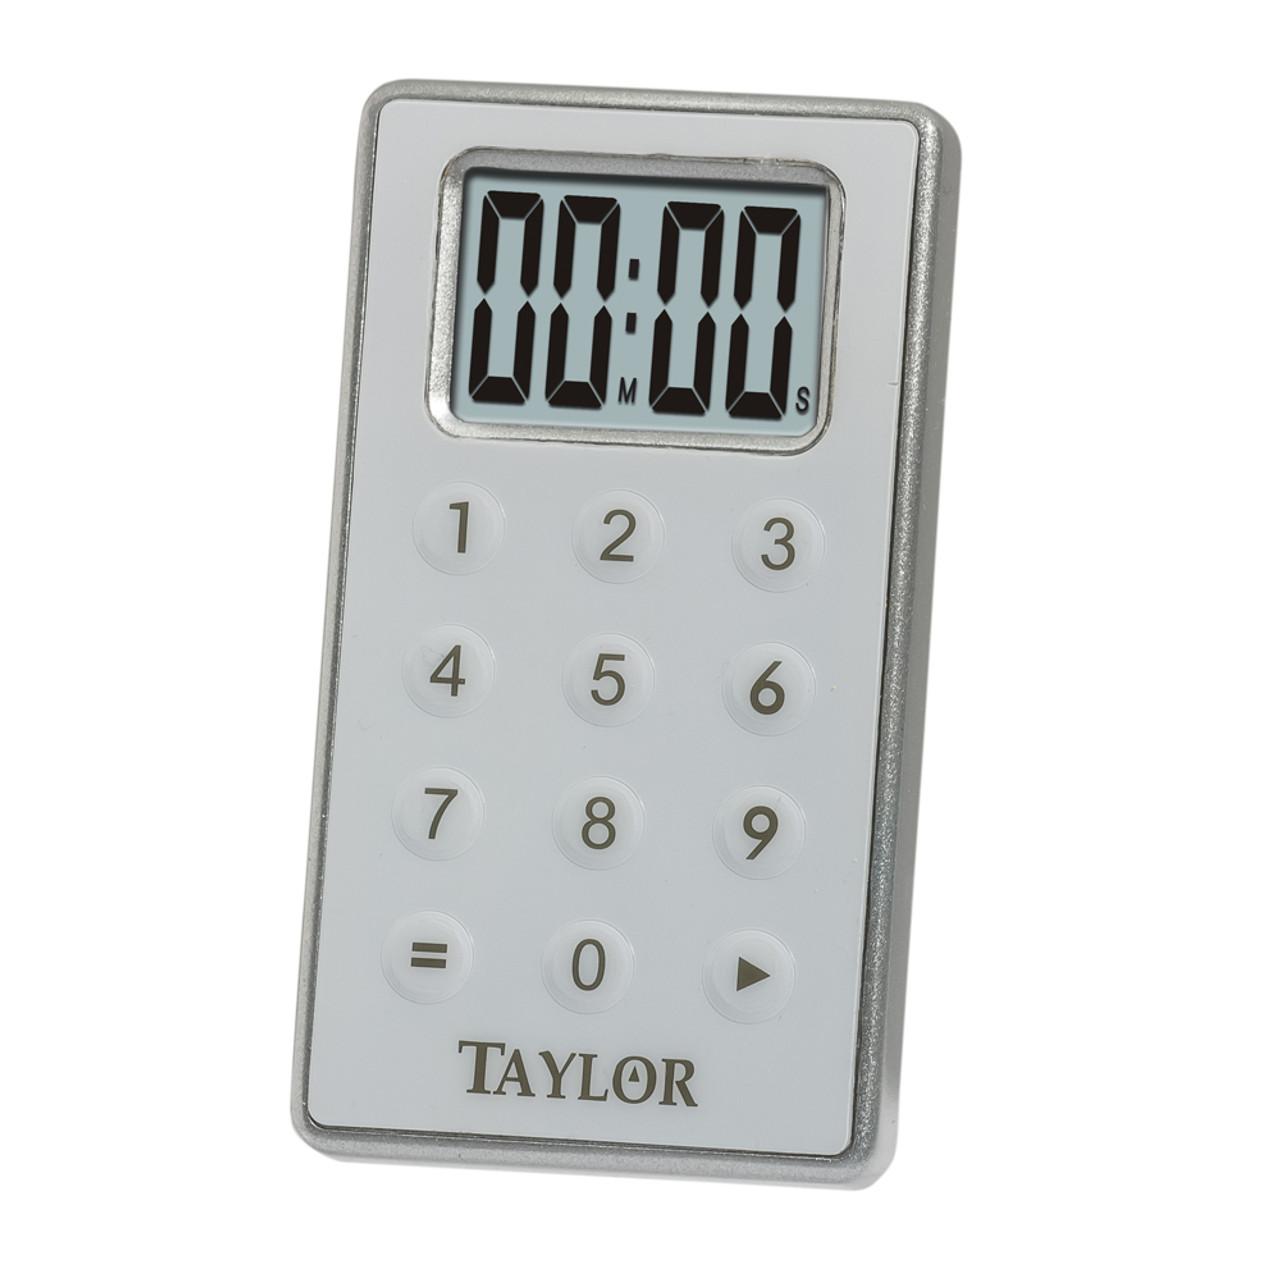 10 Key Digital Timer